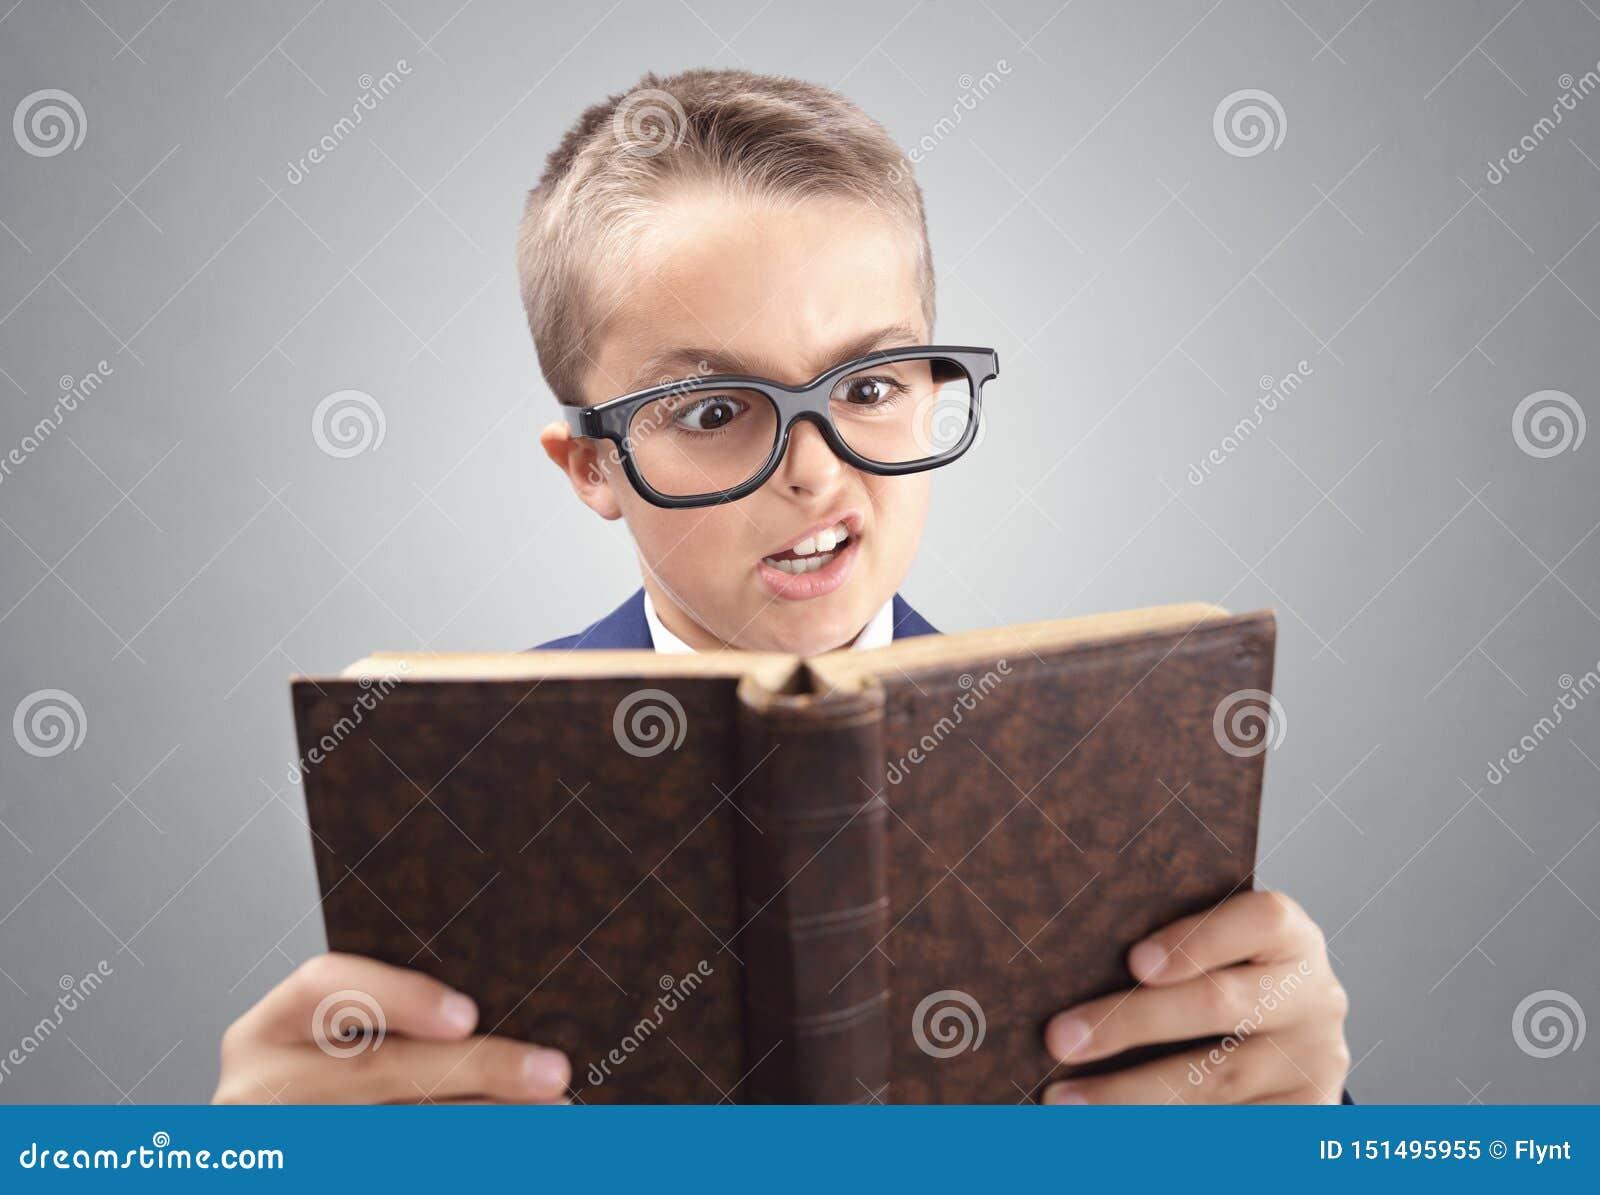 Συγκλονισμένο και έκπληκτο νέο εκτελεστικό αγόρι επιχειρηματιών που διαβάζει ένα βιβλίο